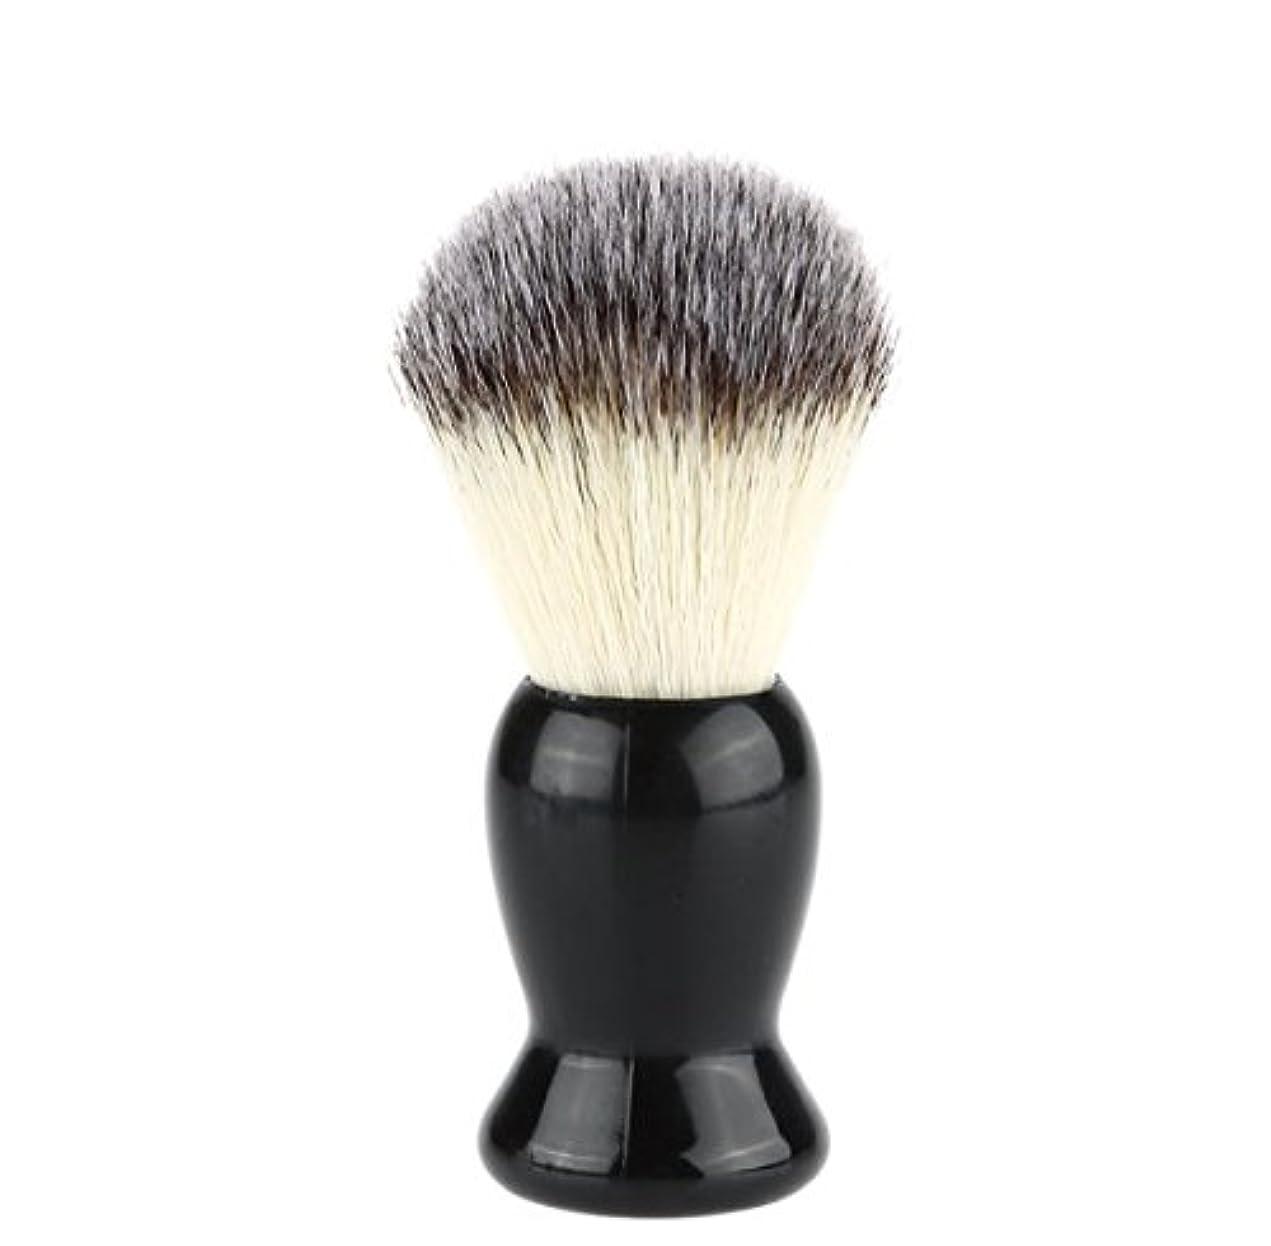 祭司チューリップ粉砕するSuperb Barber Salon Shaving Brush Black Handle Face Beard Cleaning Men Shaving Razor Brush Cleaning Appliance...